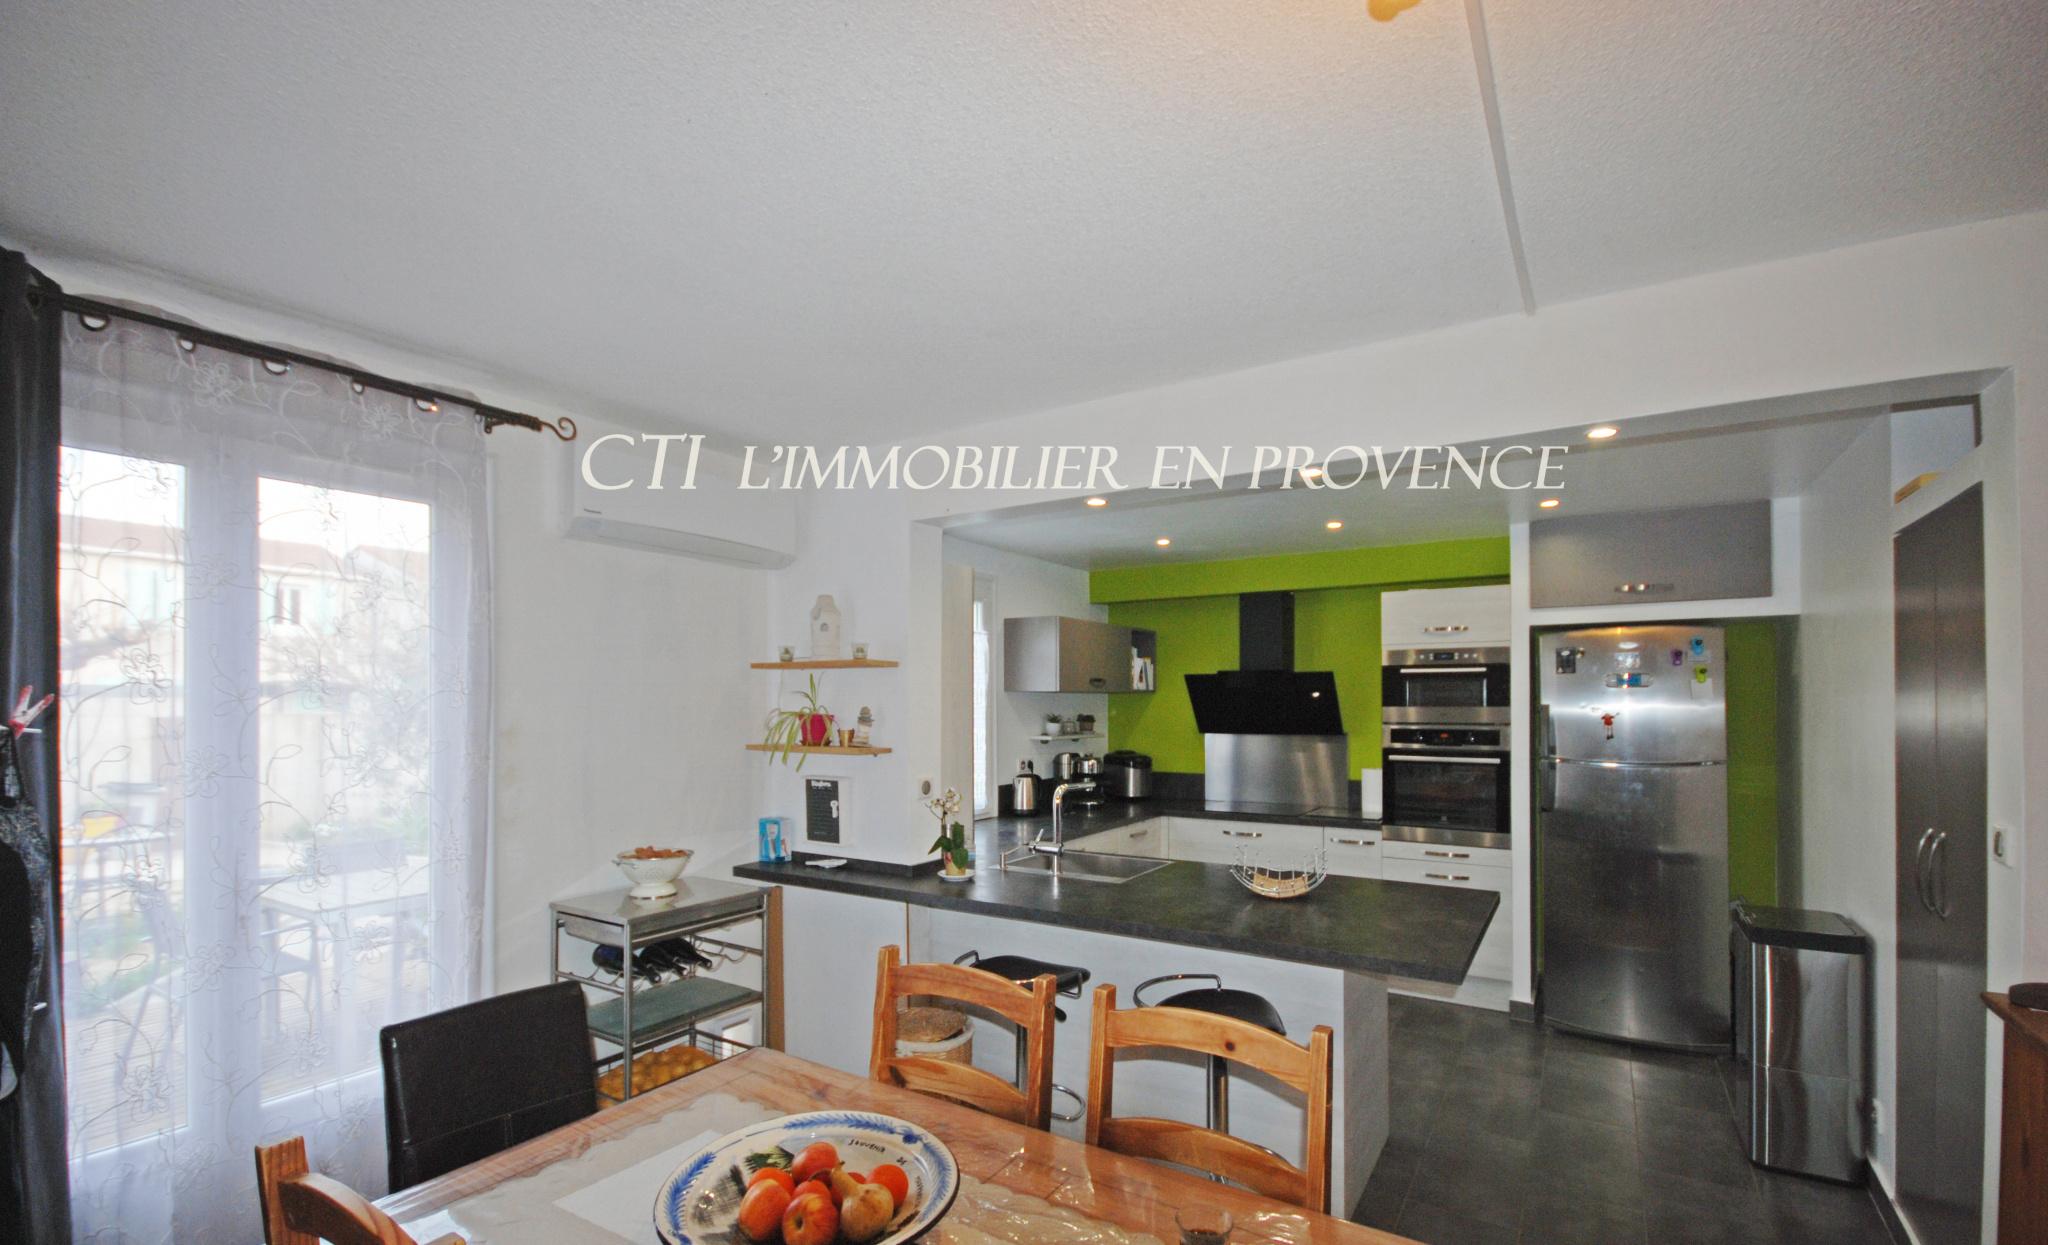 0 www.cti-provence.net MAISON VILLA PROCHE CENTRE VILLE VAISON-LA-ROMAINE A PIED JARDIN  CLOS GARAGE